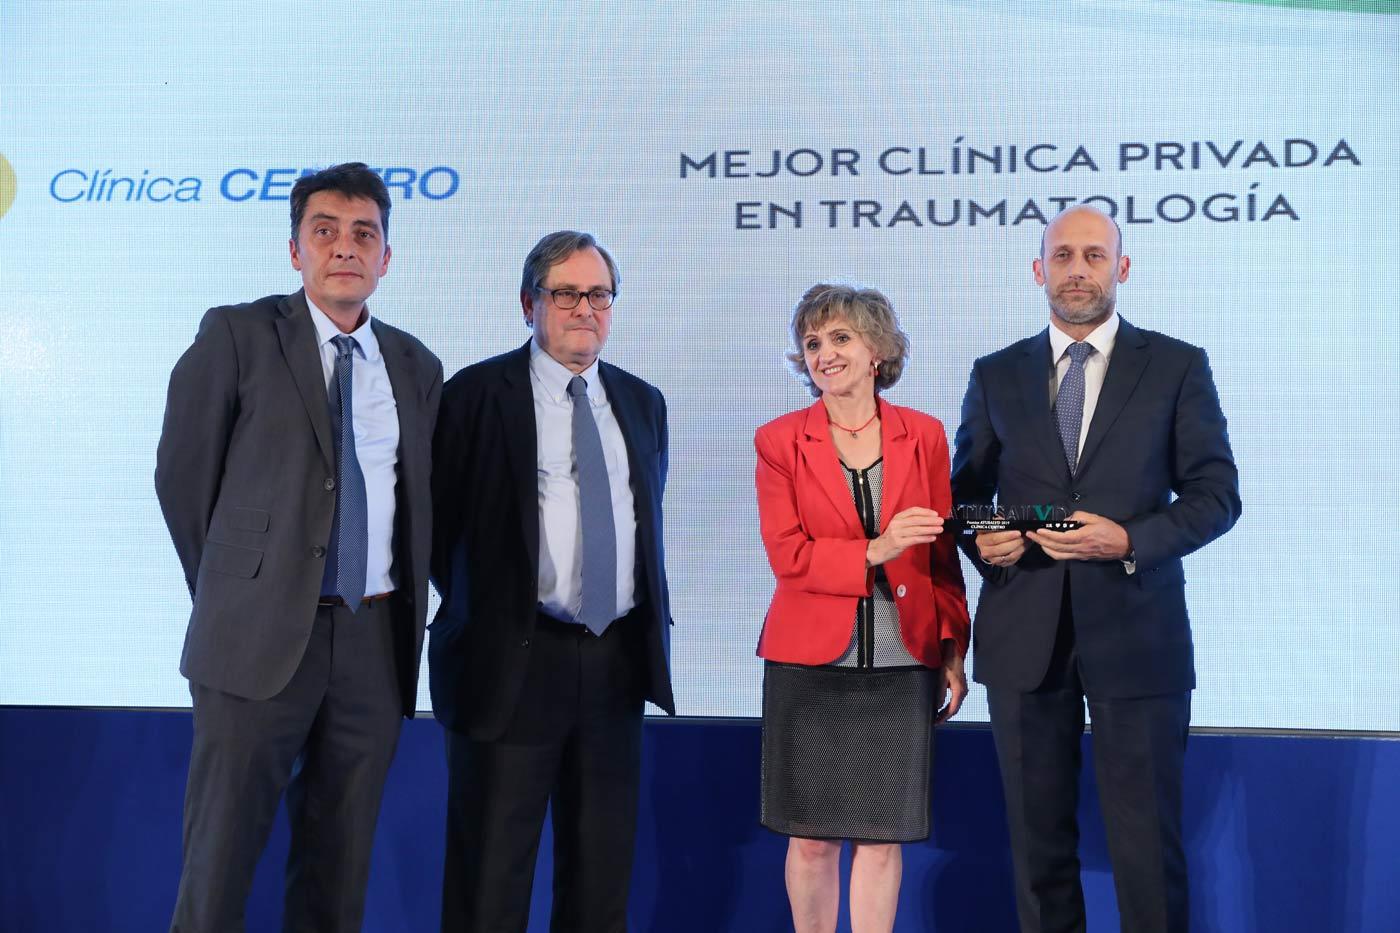 Premio Mejor Clinica Privada